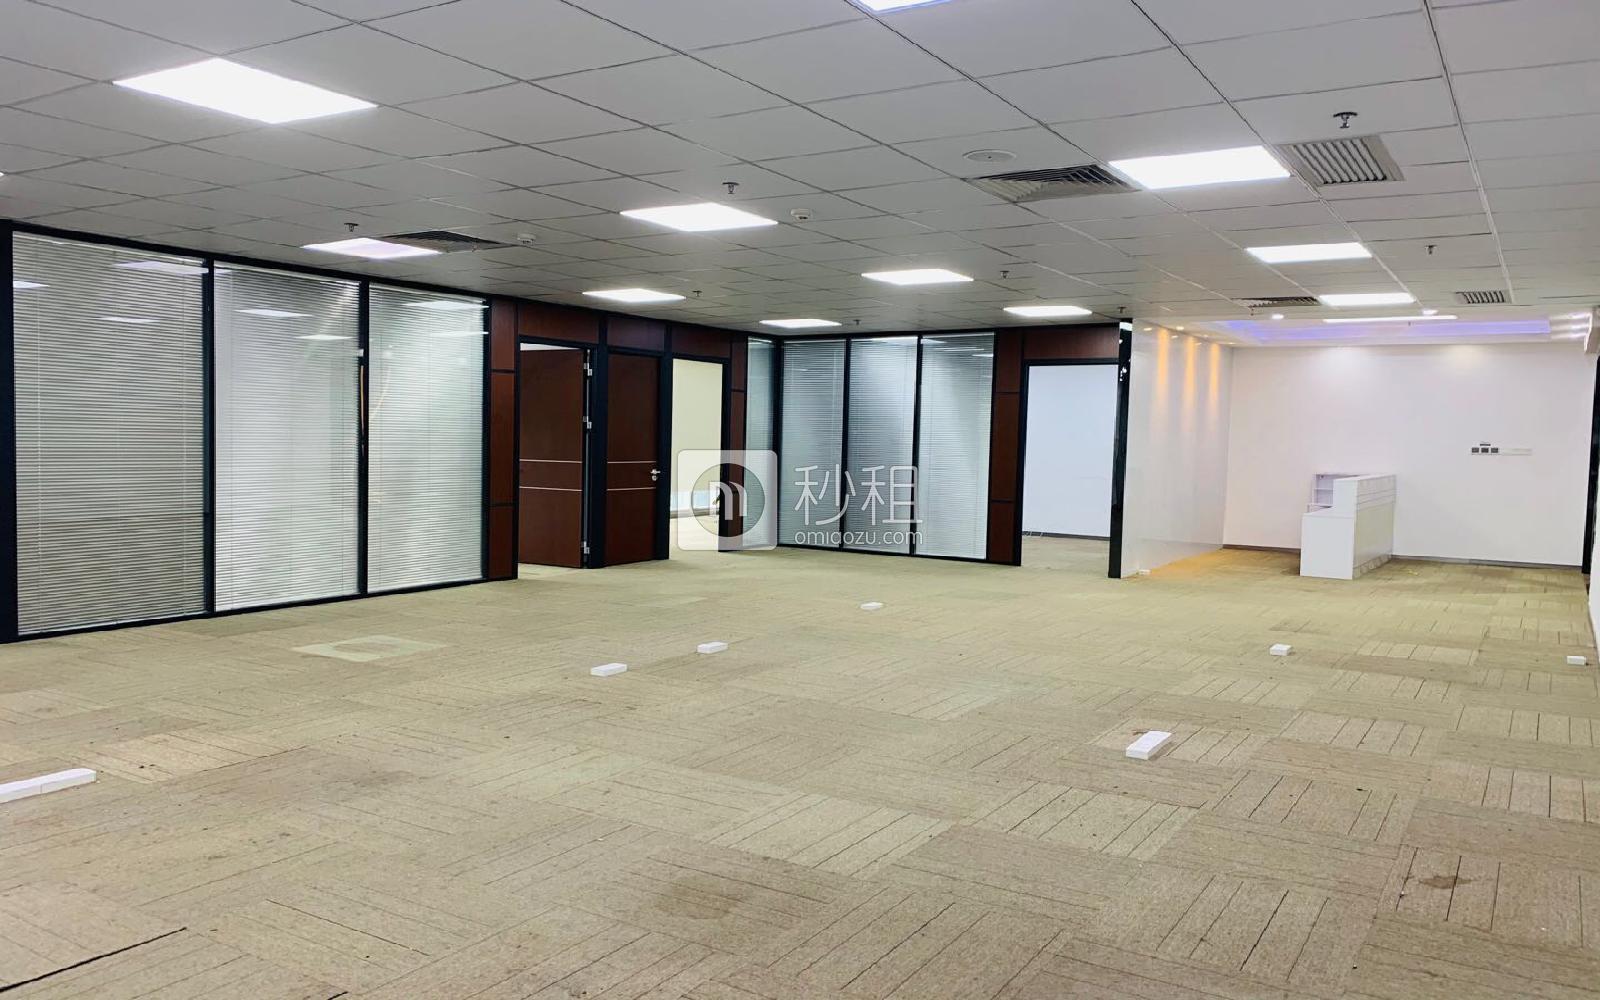 南山-科技园 讯美科技广场 234m²